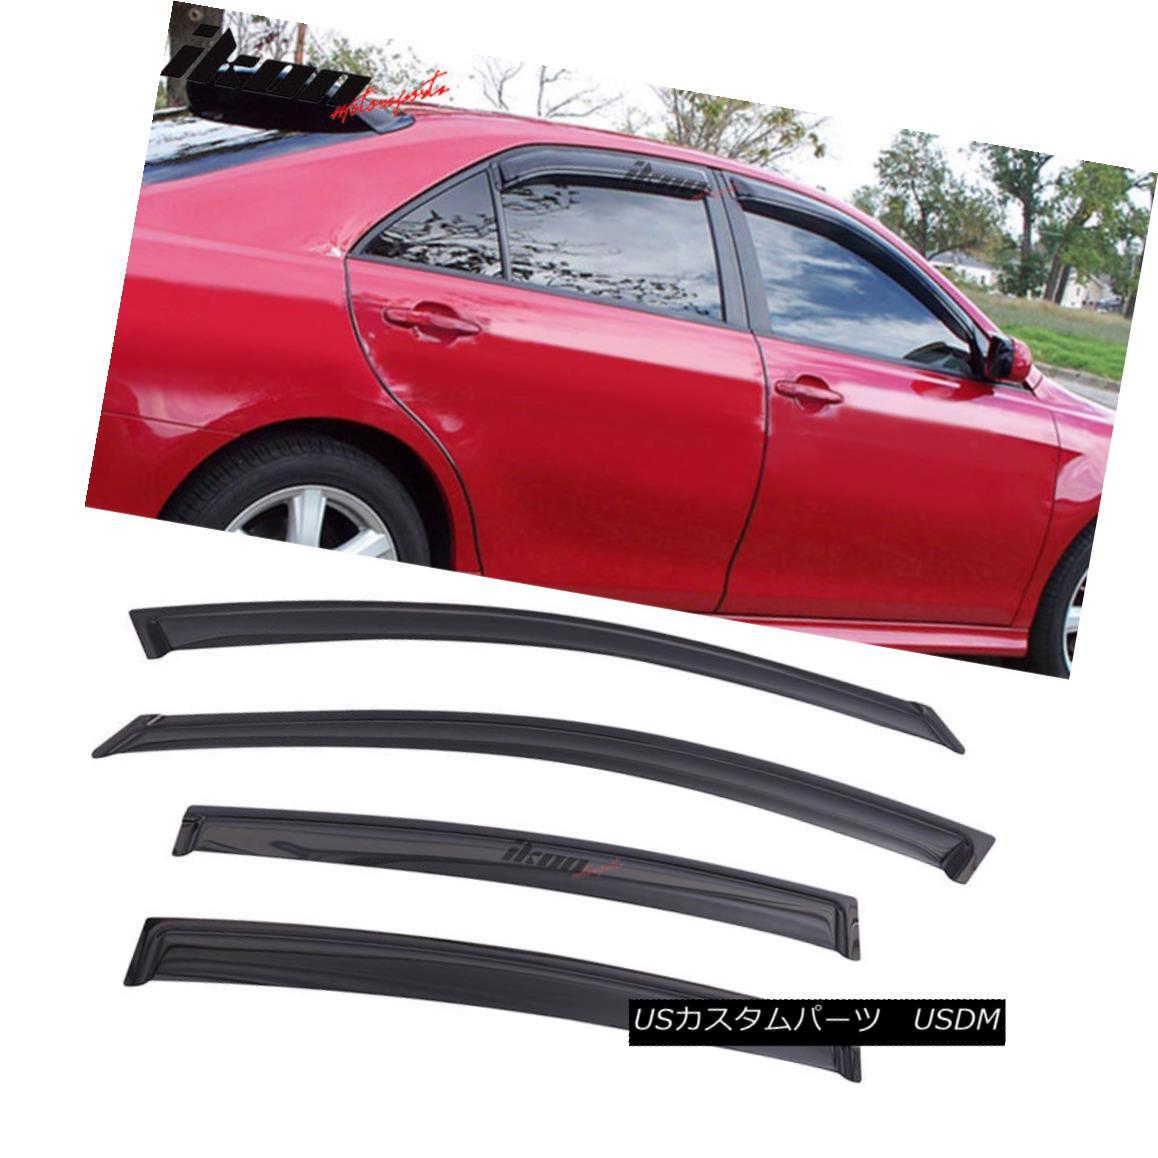 エアロパーツ Fits 04-08 Nissan Maxima Acrylic Window Visors 4Pc Set フィット04-08日産マキシマアクリル窓バイザー4個セット